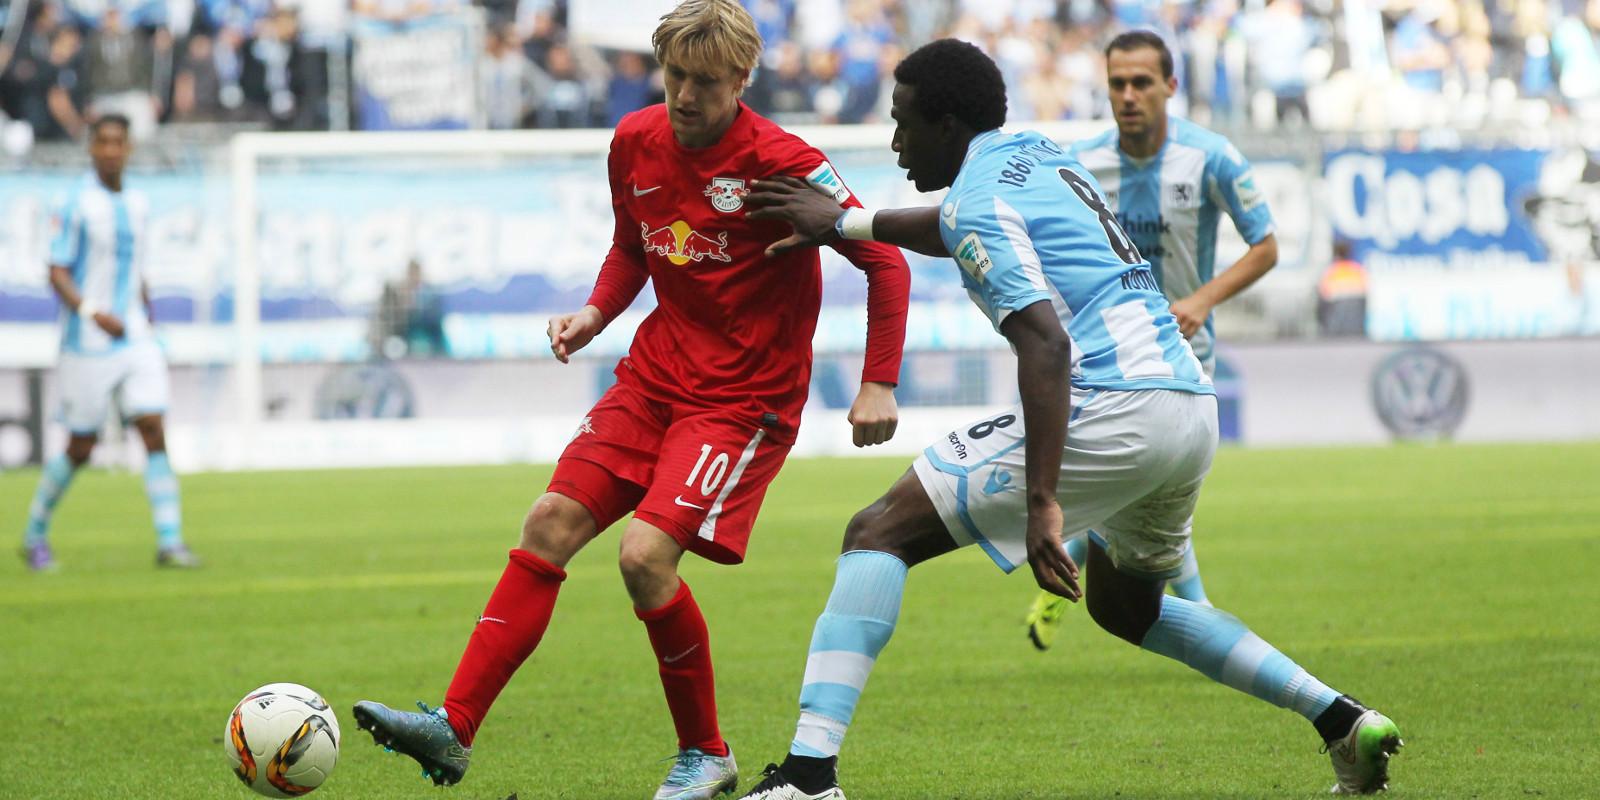 9. Spieltag: TSV 1860 München - RB Leipzig 2:2